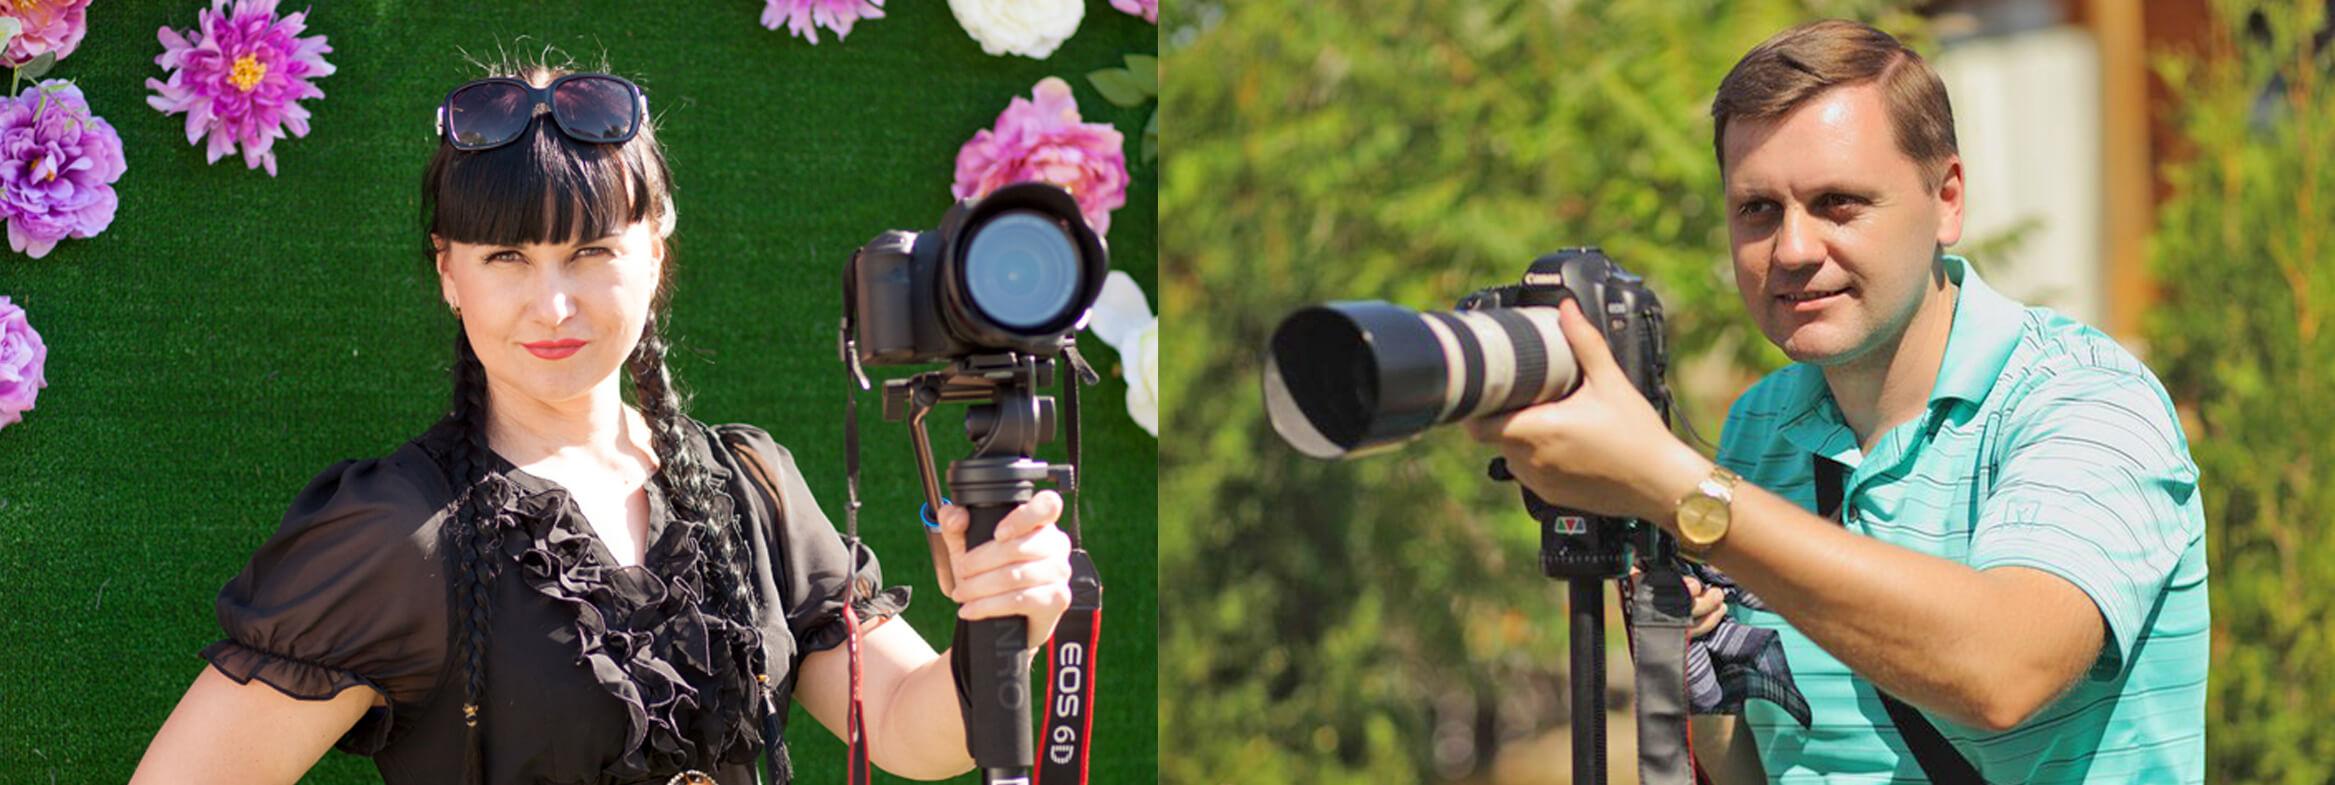 фотограф видеооператор киев